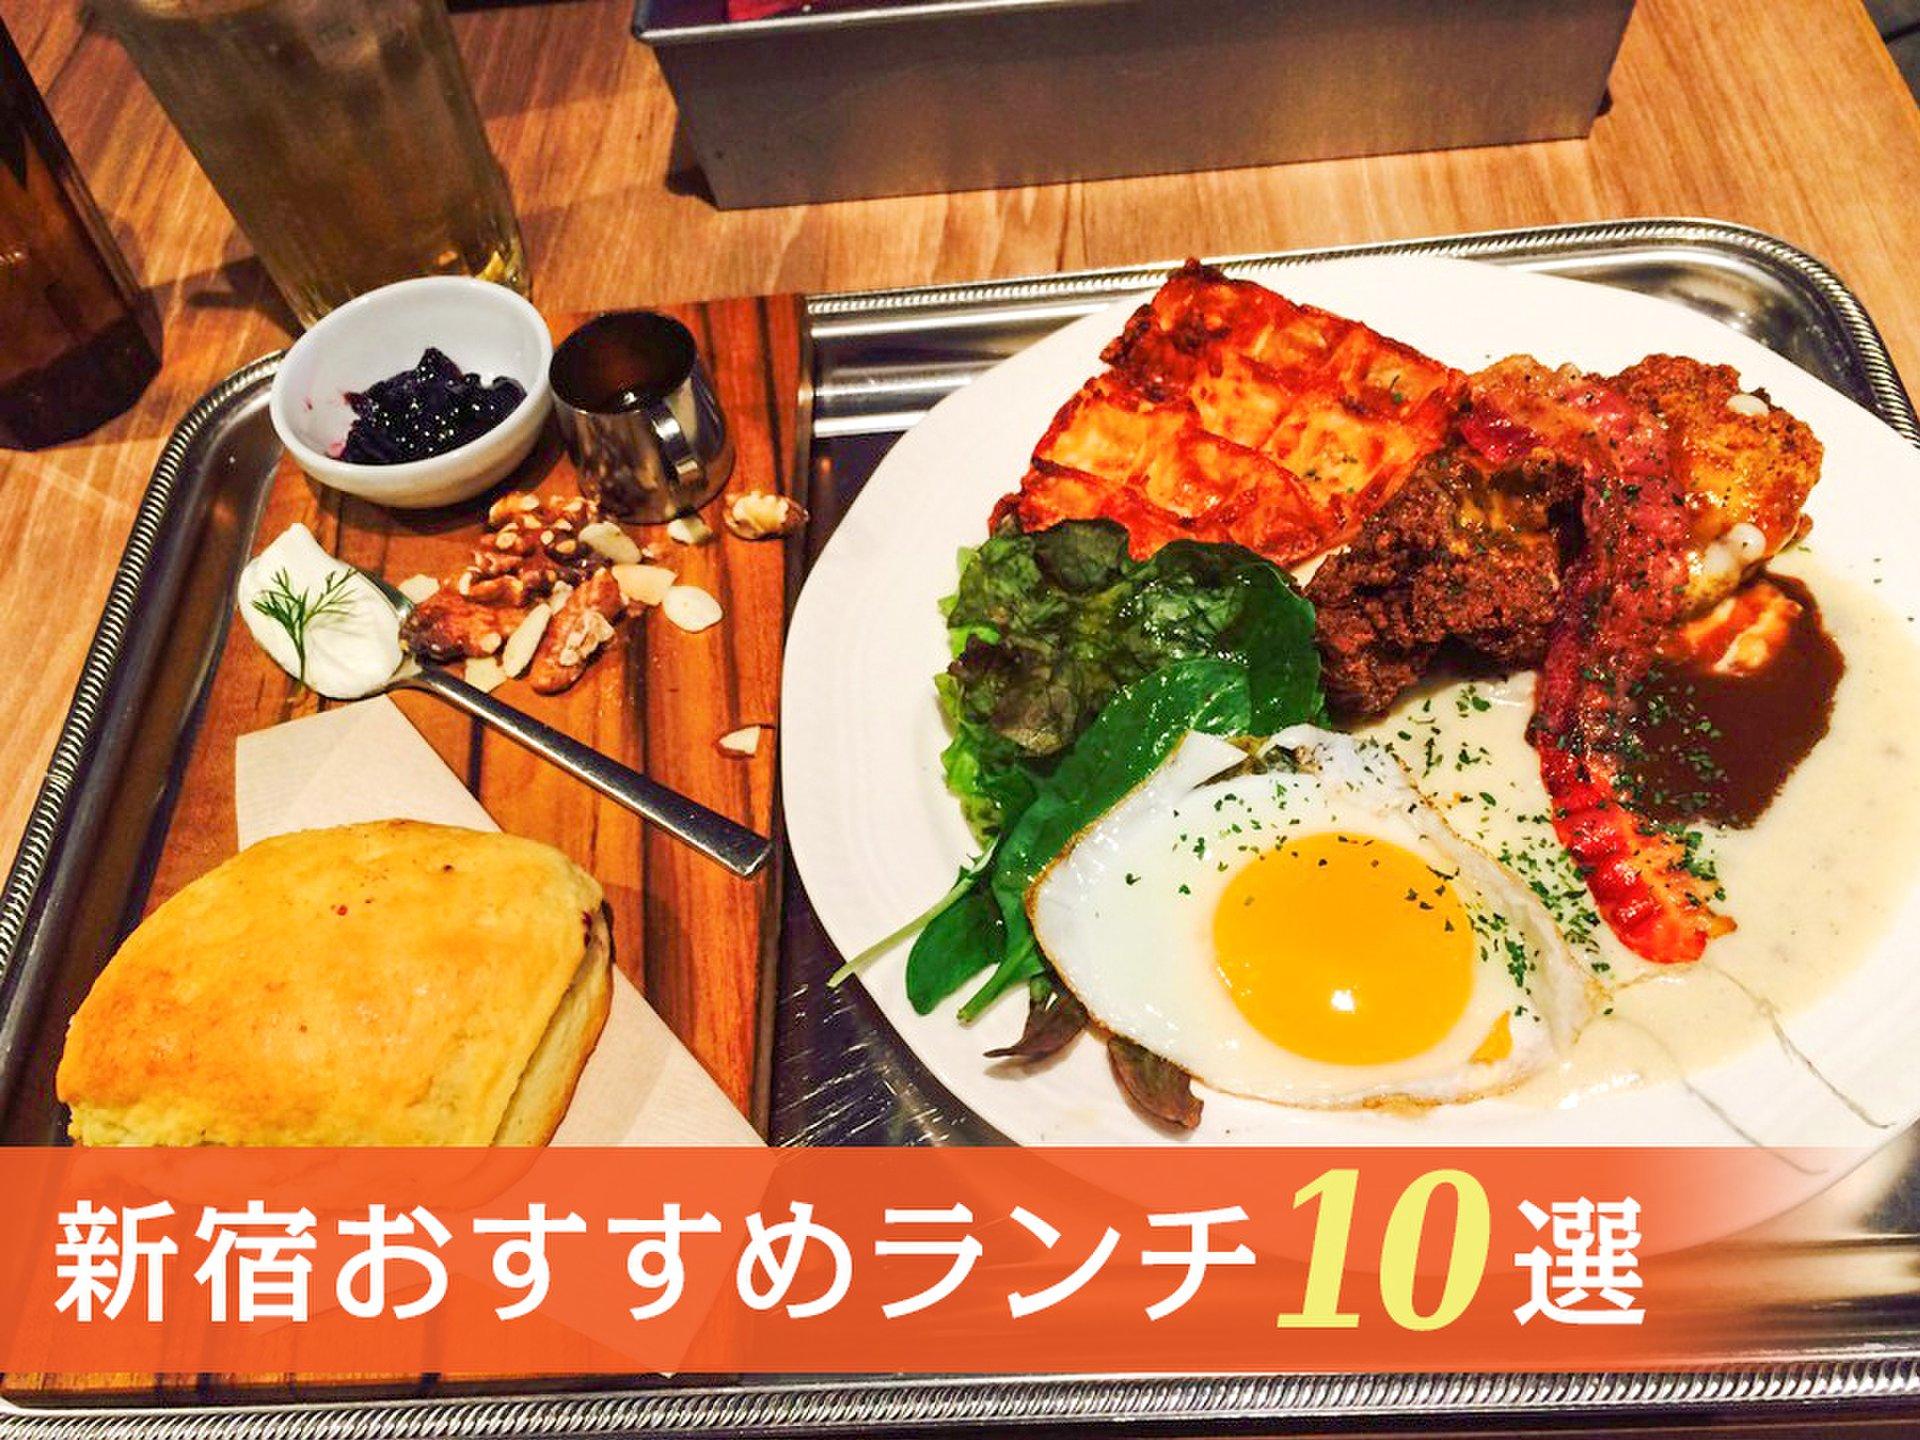 【新宿ランチ8選】デートや女子会で使いたい人気店だけ集めました!